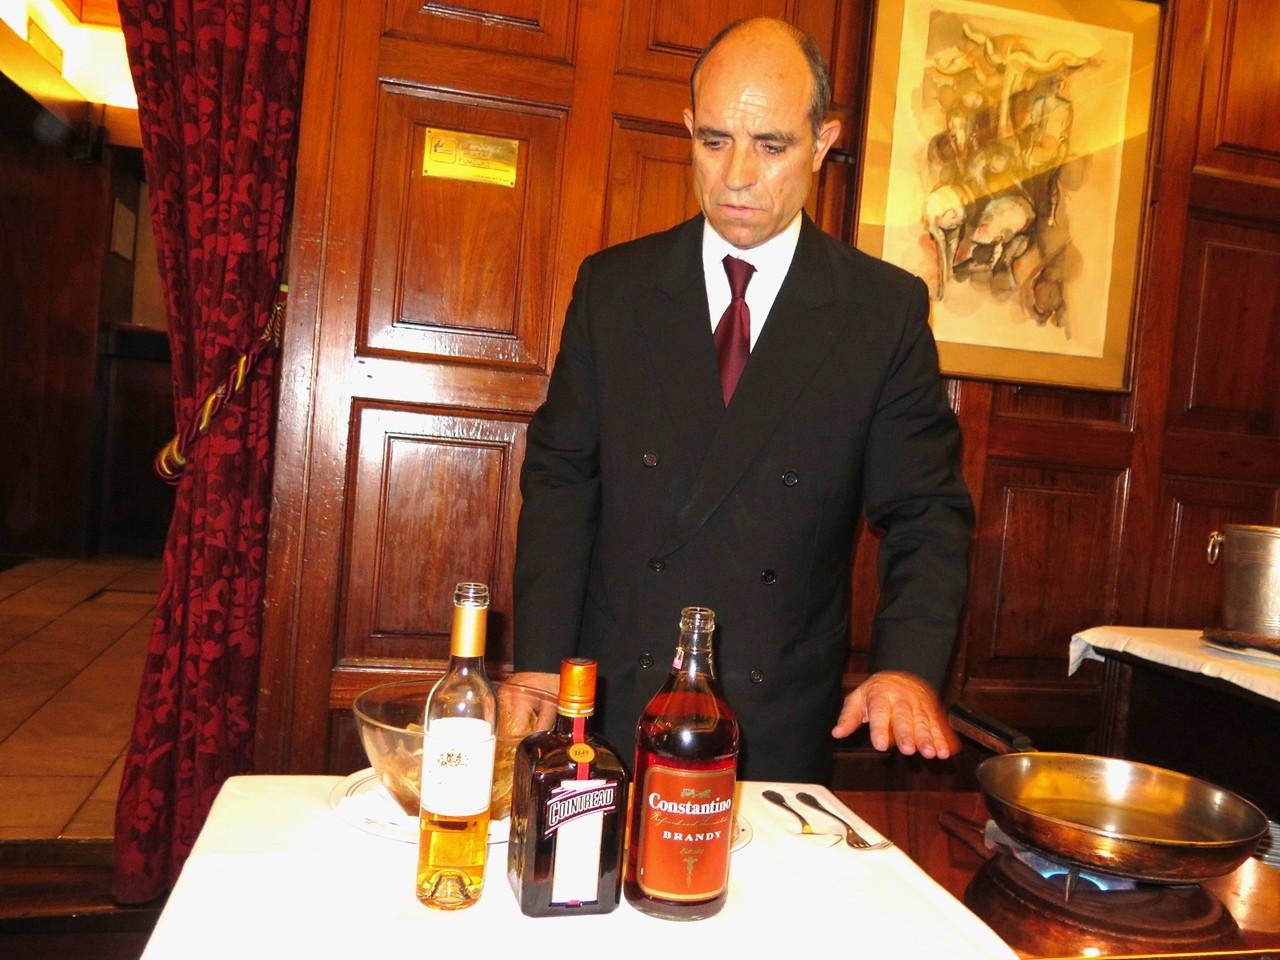 Octávio Ferreira preparando a redução de Grandjó Late Harvest, Licor Cointreau e brandy Constantino